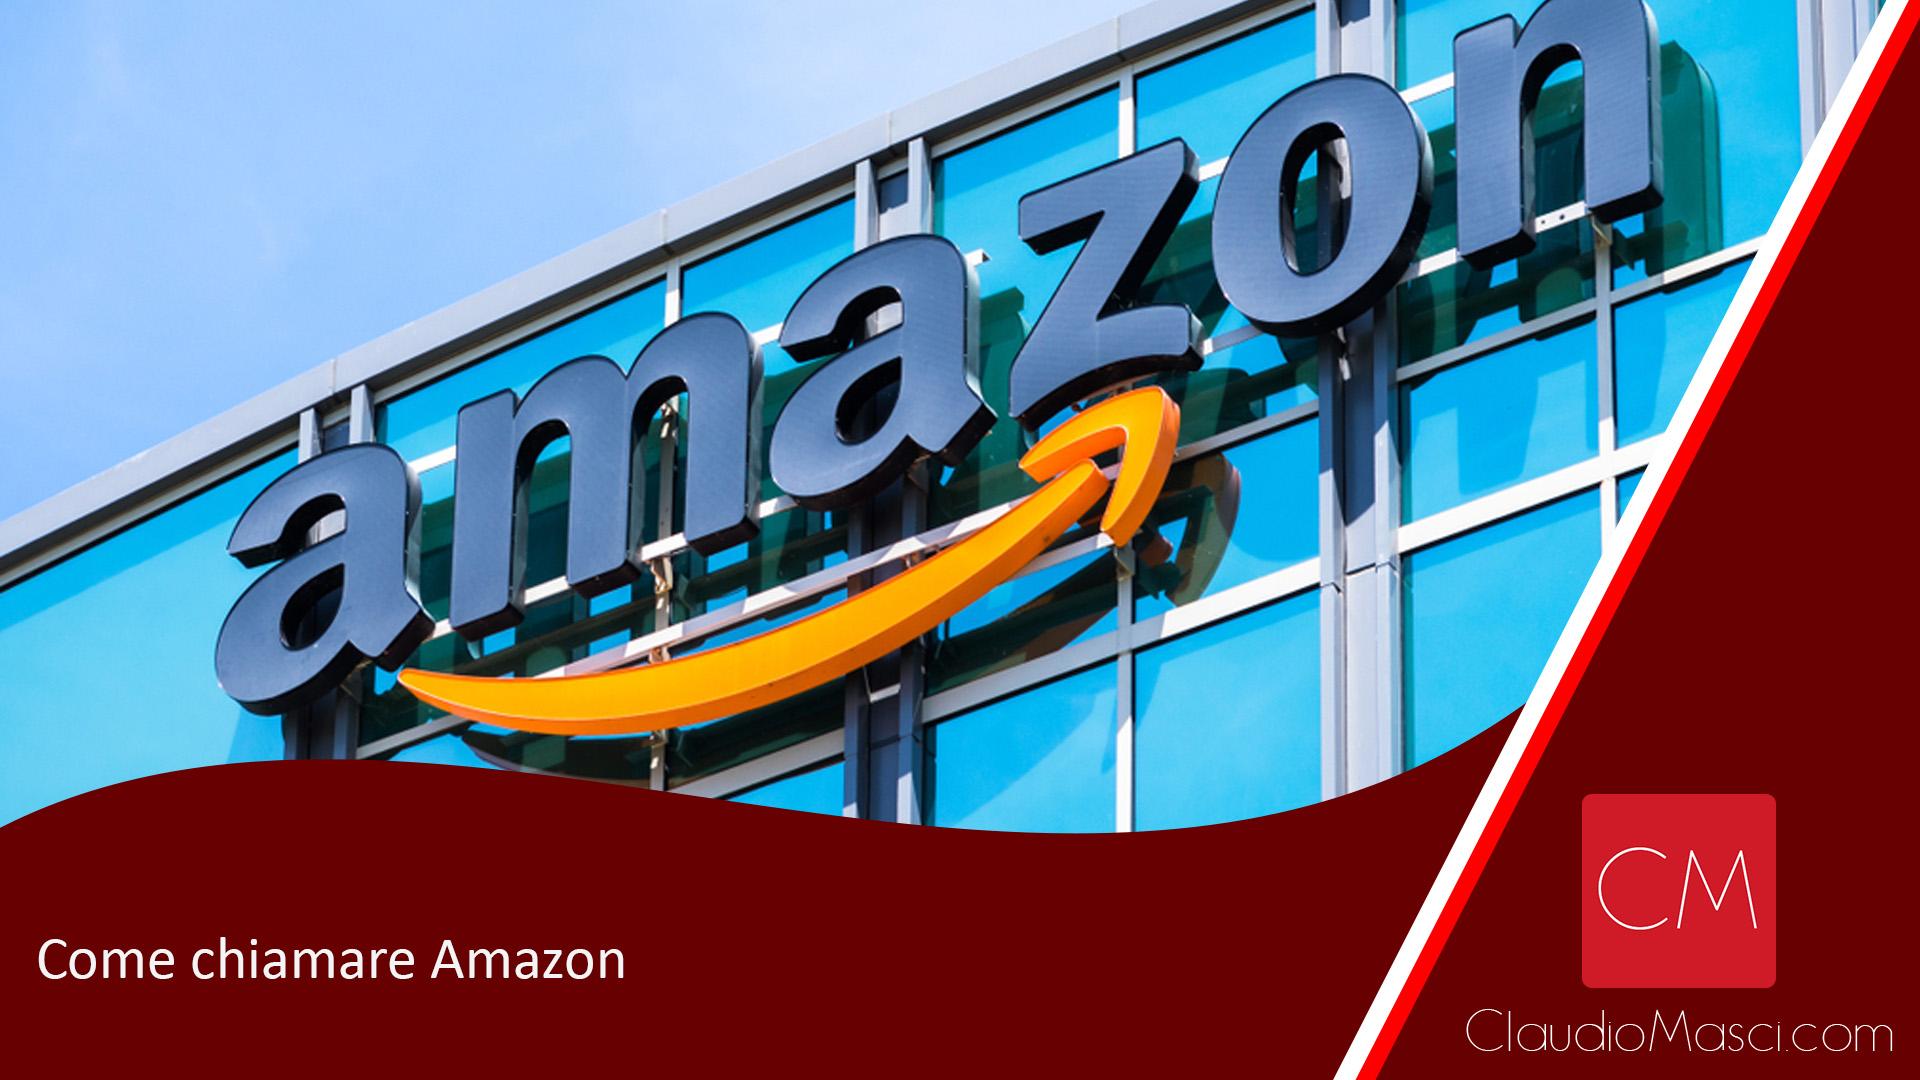 Come chiamare Amazon